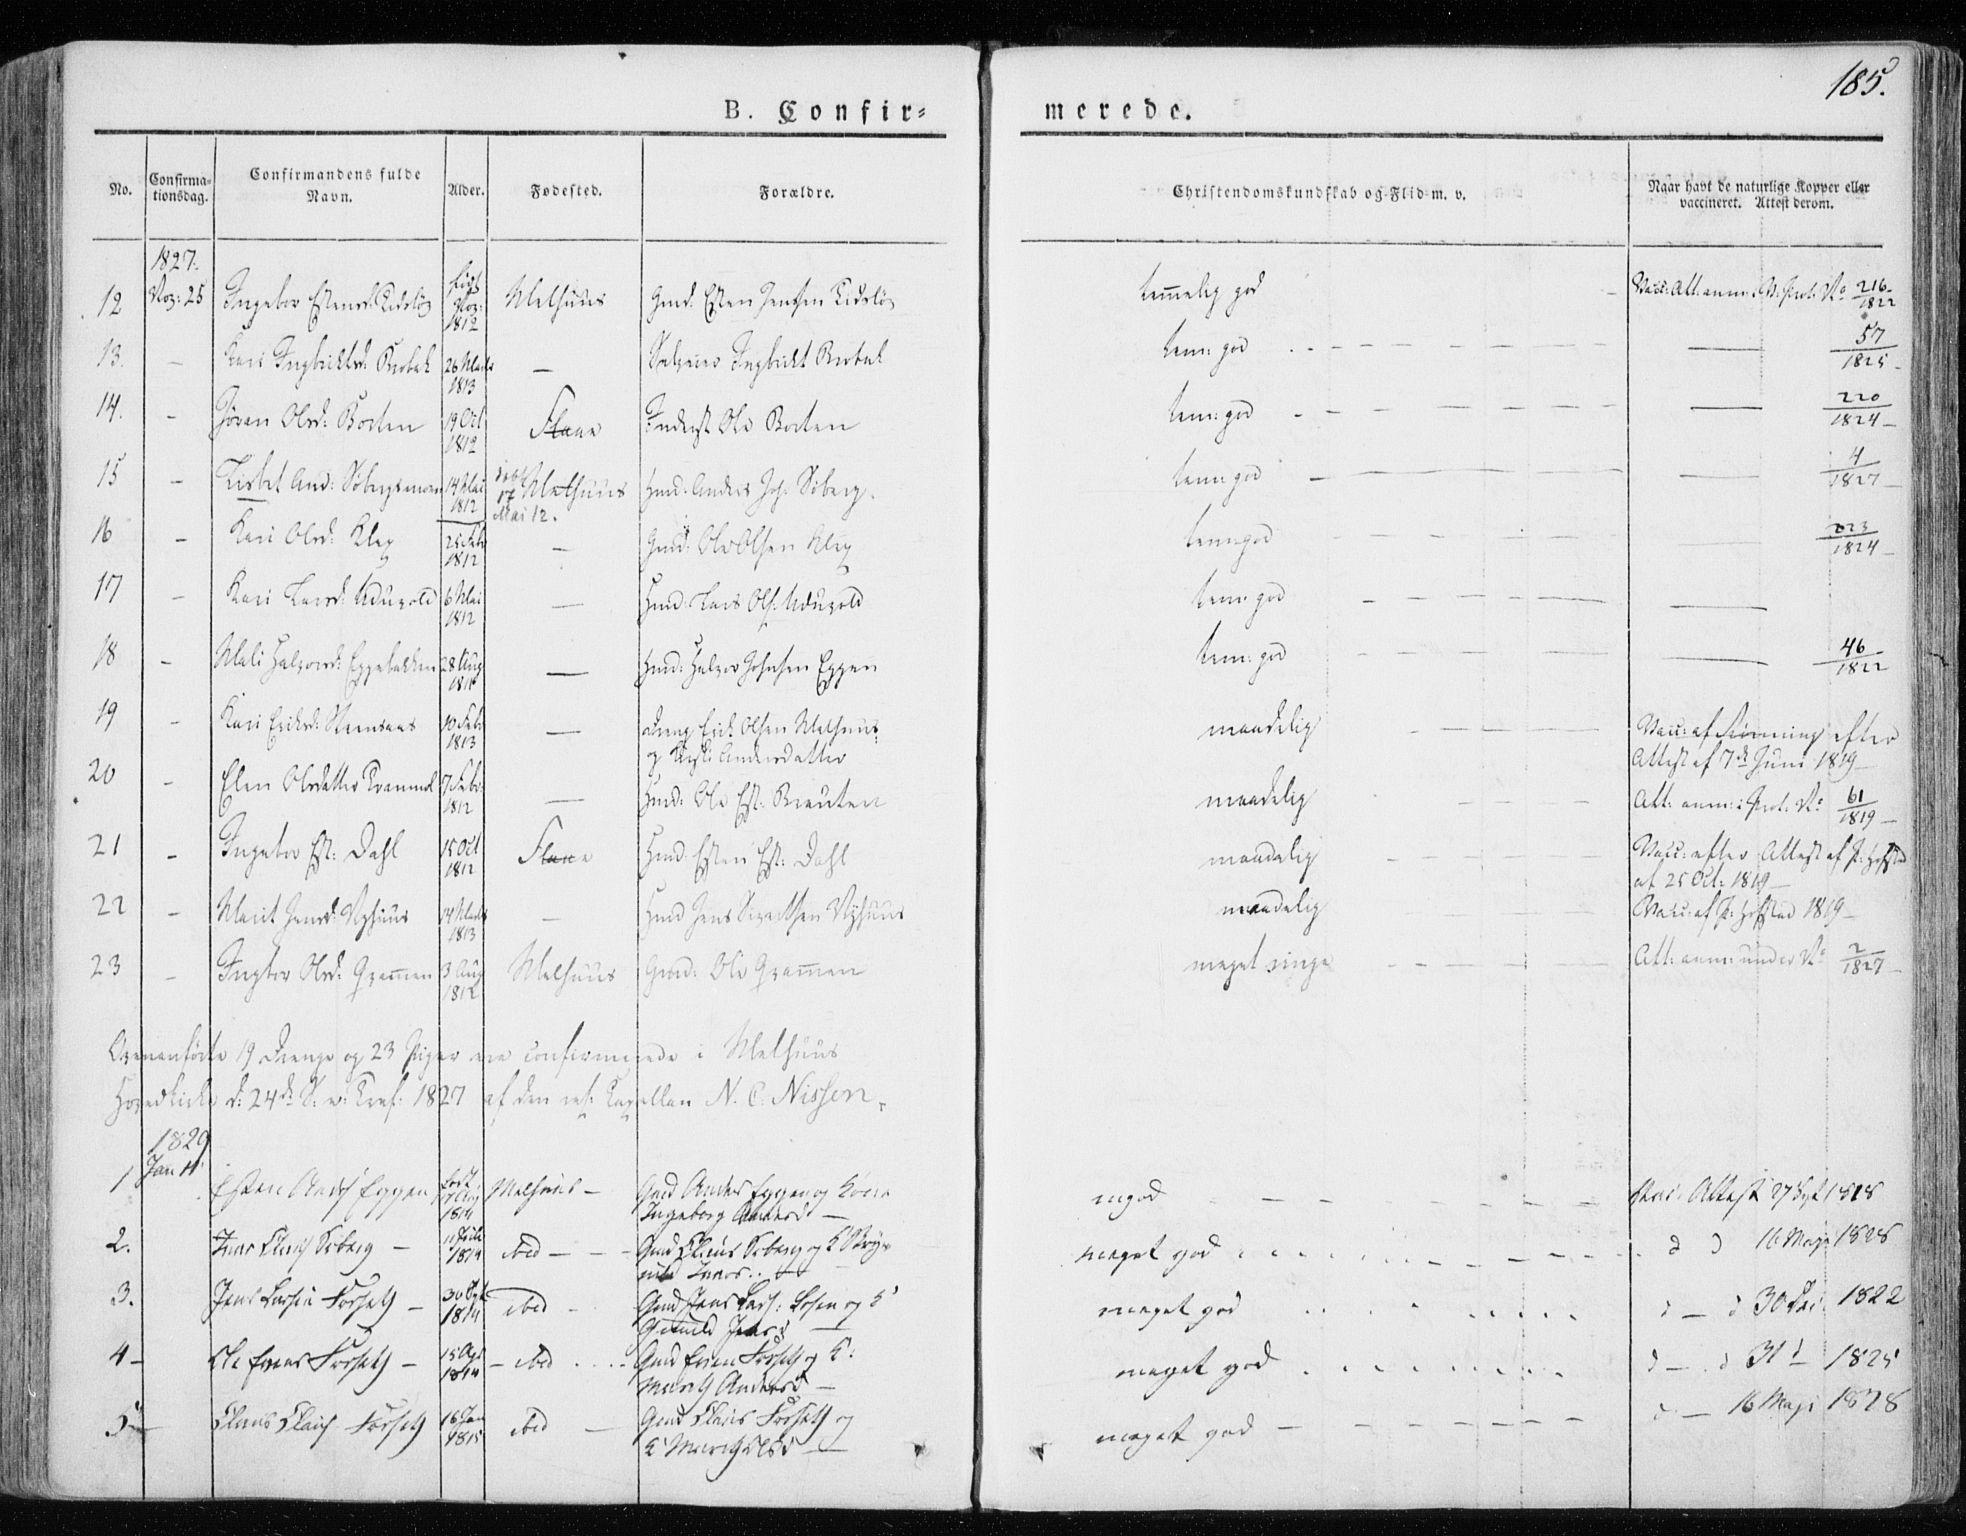 SAT, Ministerialprotokoller, klokkerbøker og fødselsregistre - Sør-Trøndelag, 691/L1069: Ministerialbok nr. 691A04, 1826-1841, s. 185